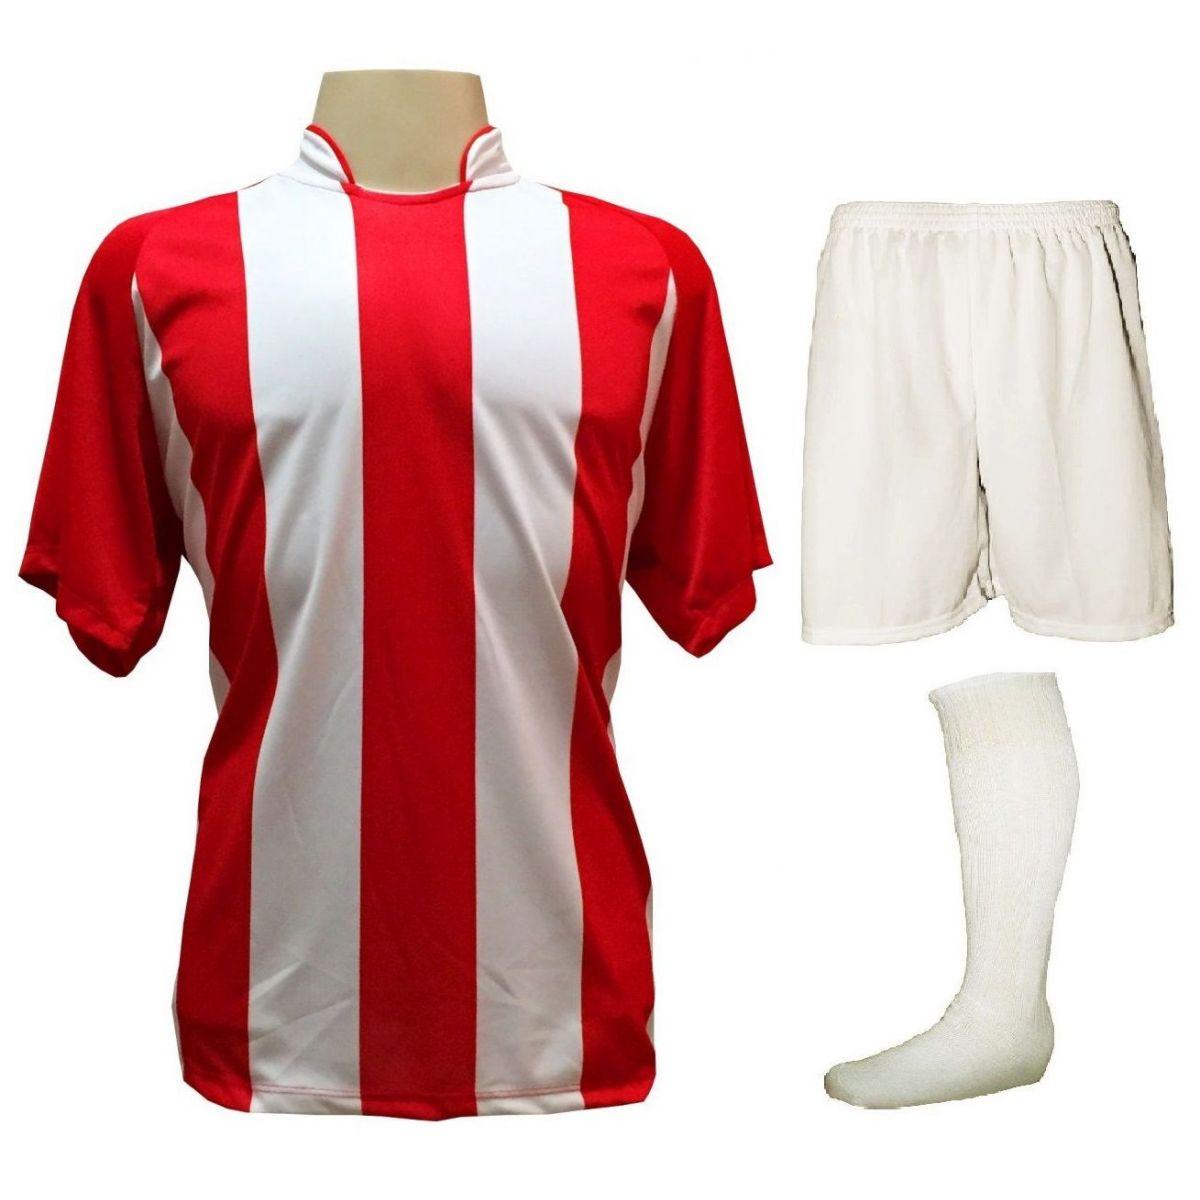 Uniforme Esportivo com 18 camisas modelo Milan Vermelho/Branco + 18 calções modelo Madrid Branco + 18 pares de meiões Branco